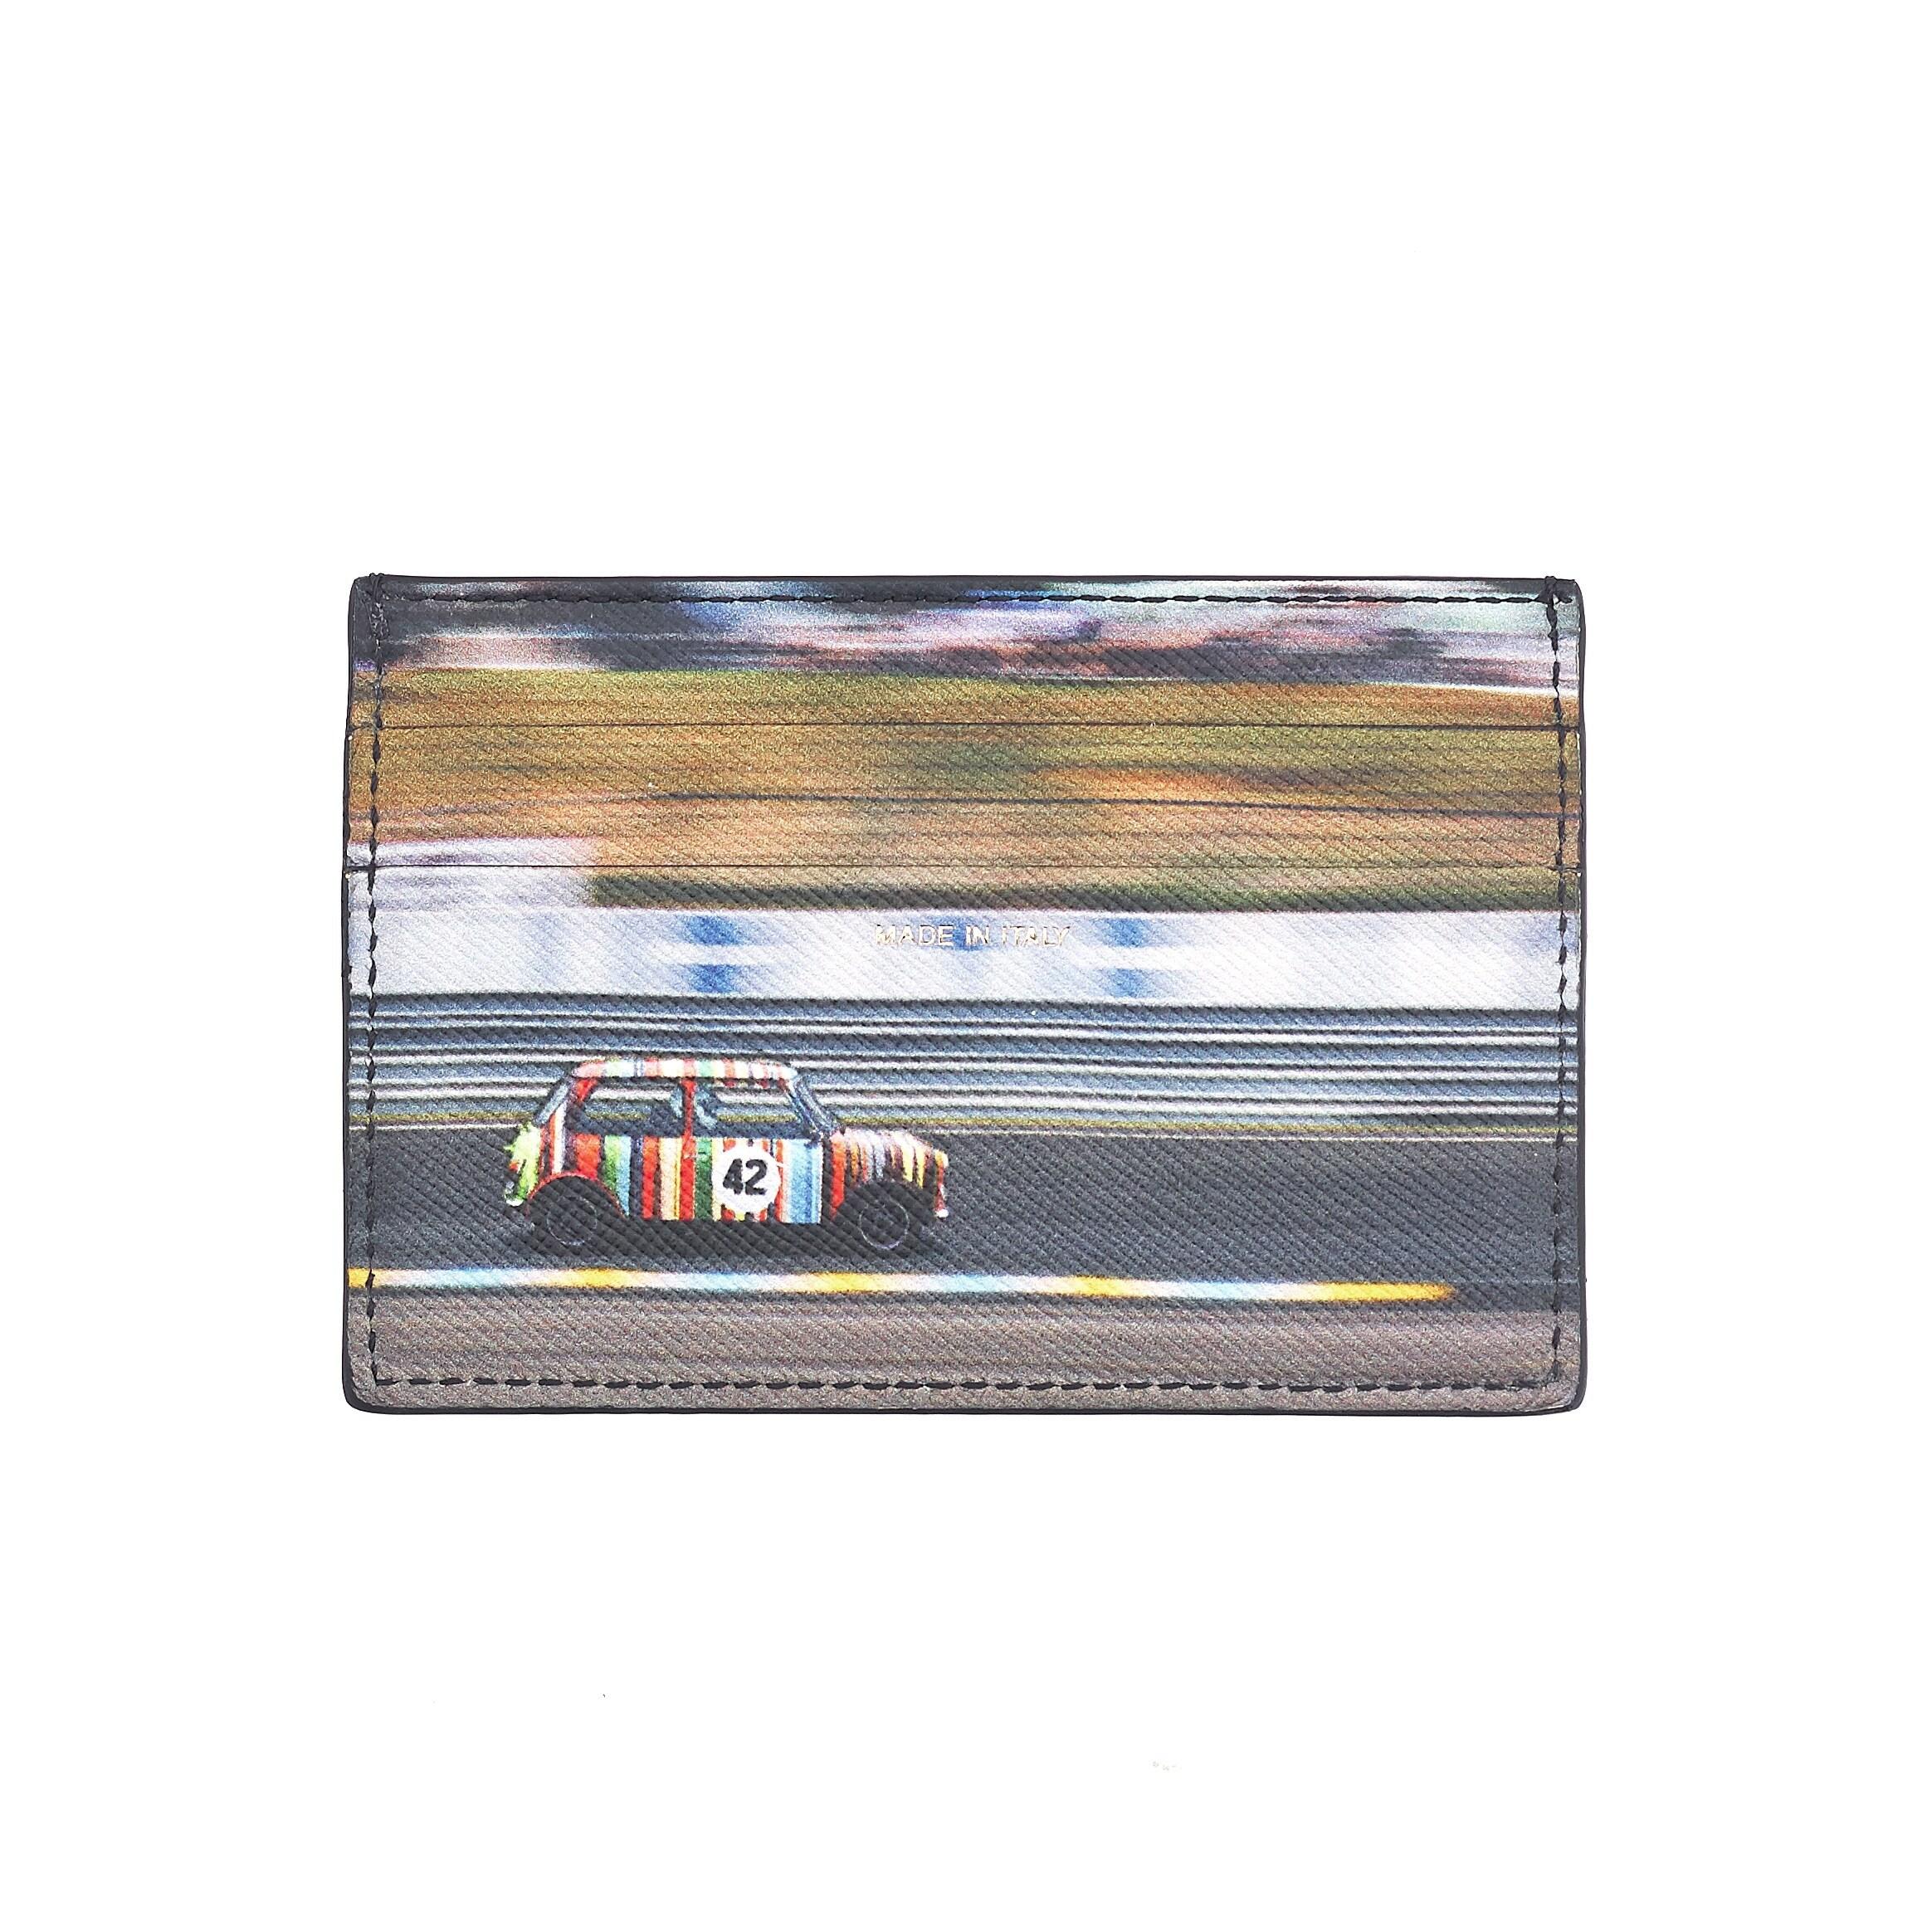 [신세계TV쇼핑]폴스미스 카드지갑 M1A 4768 AMINRC PRINTED